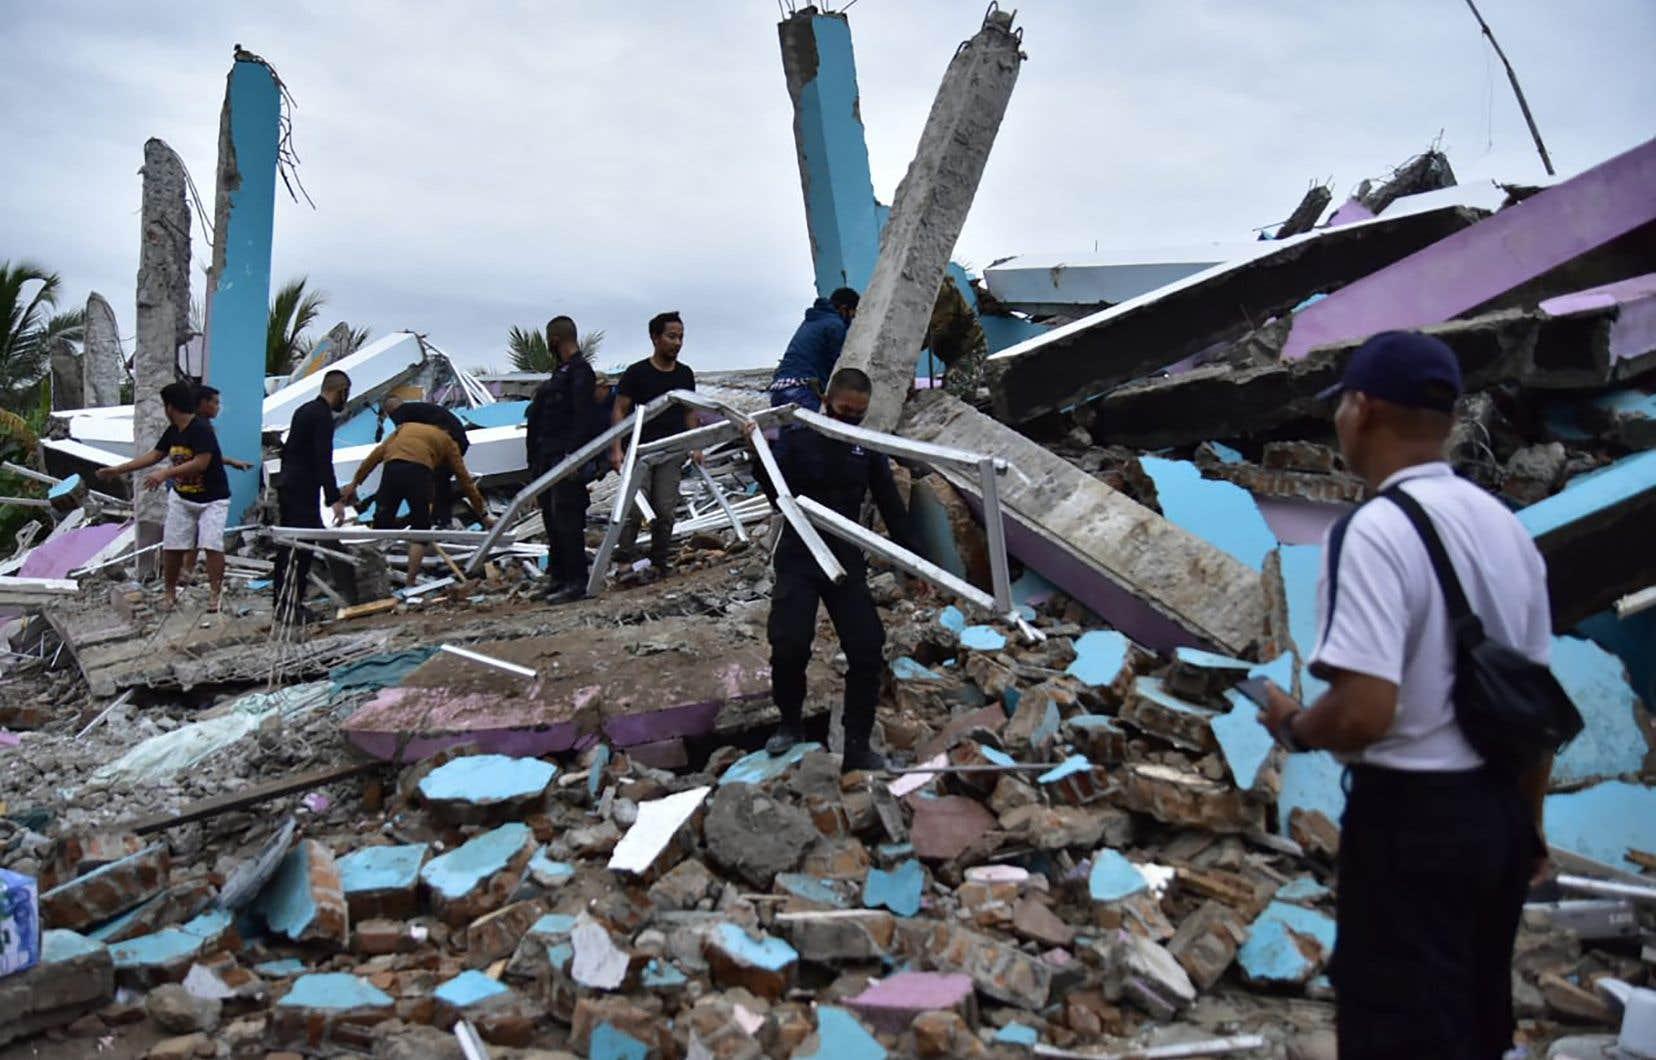 Les secours fouillent les décombres de plusieurs bâtiments effondrés dans l'espoir de trouver des survivants.